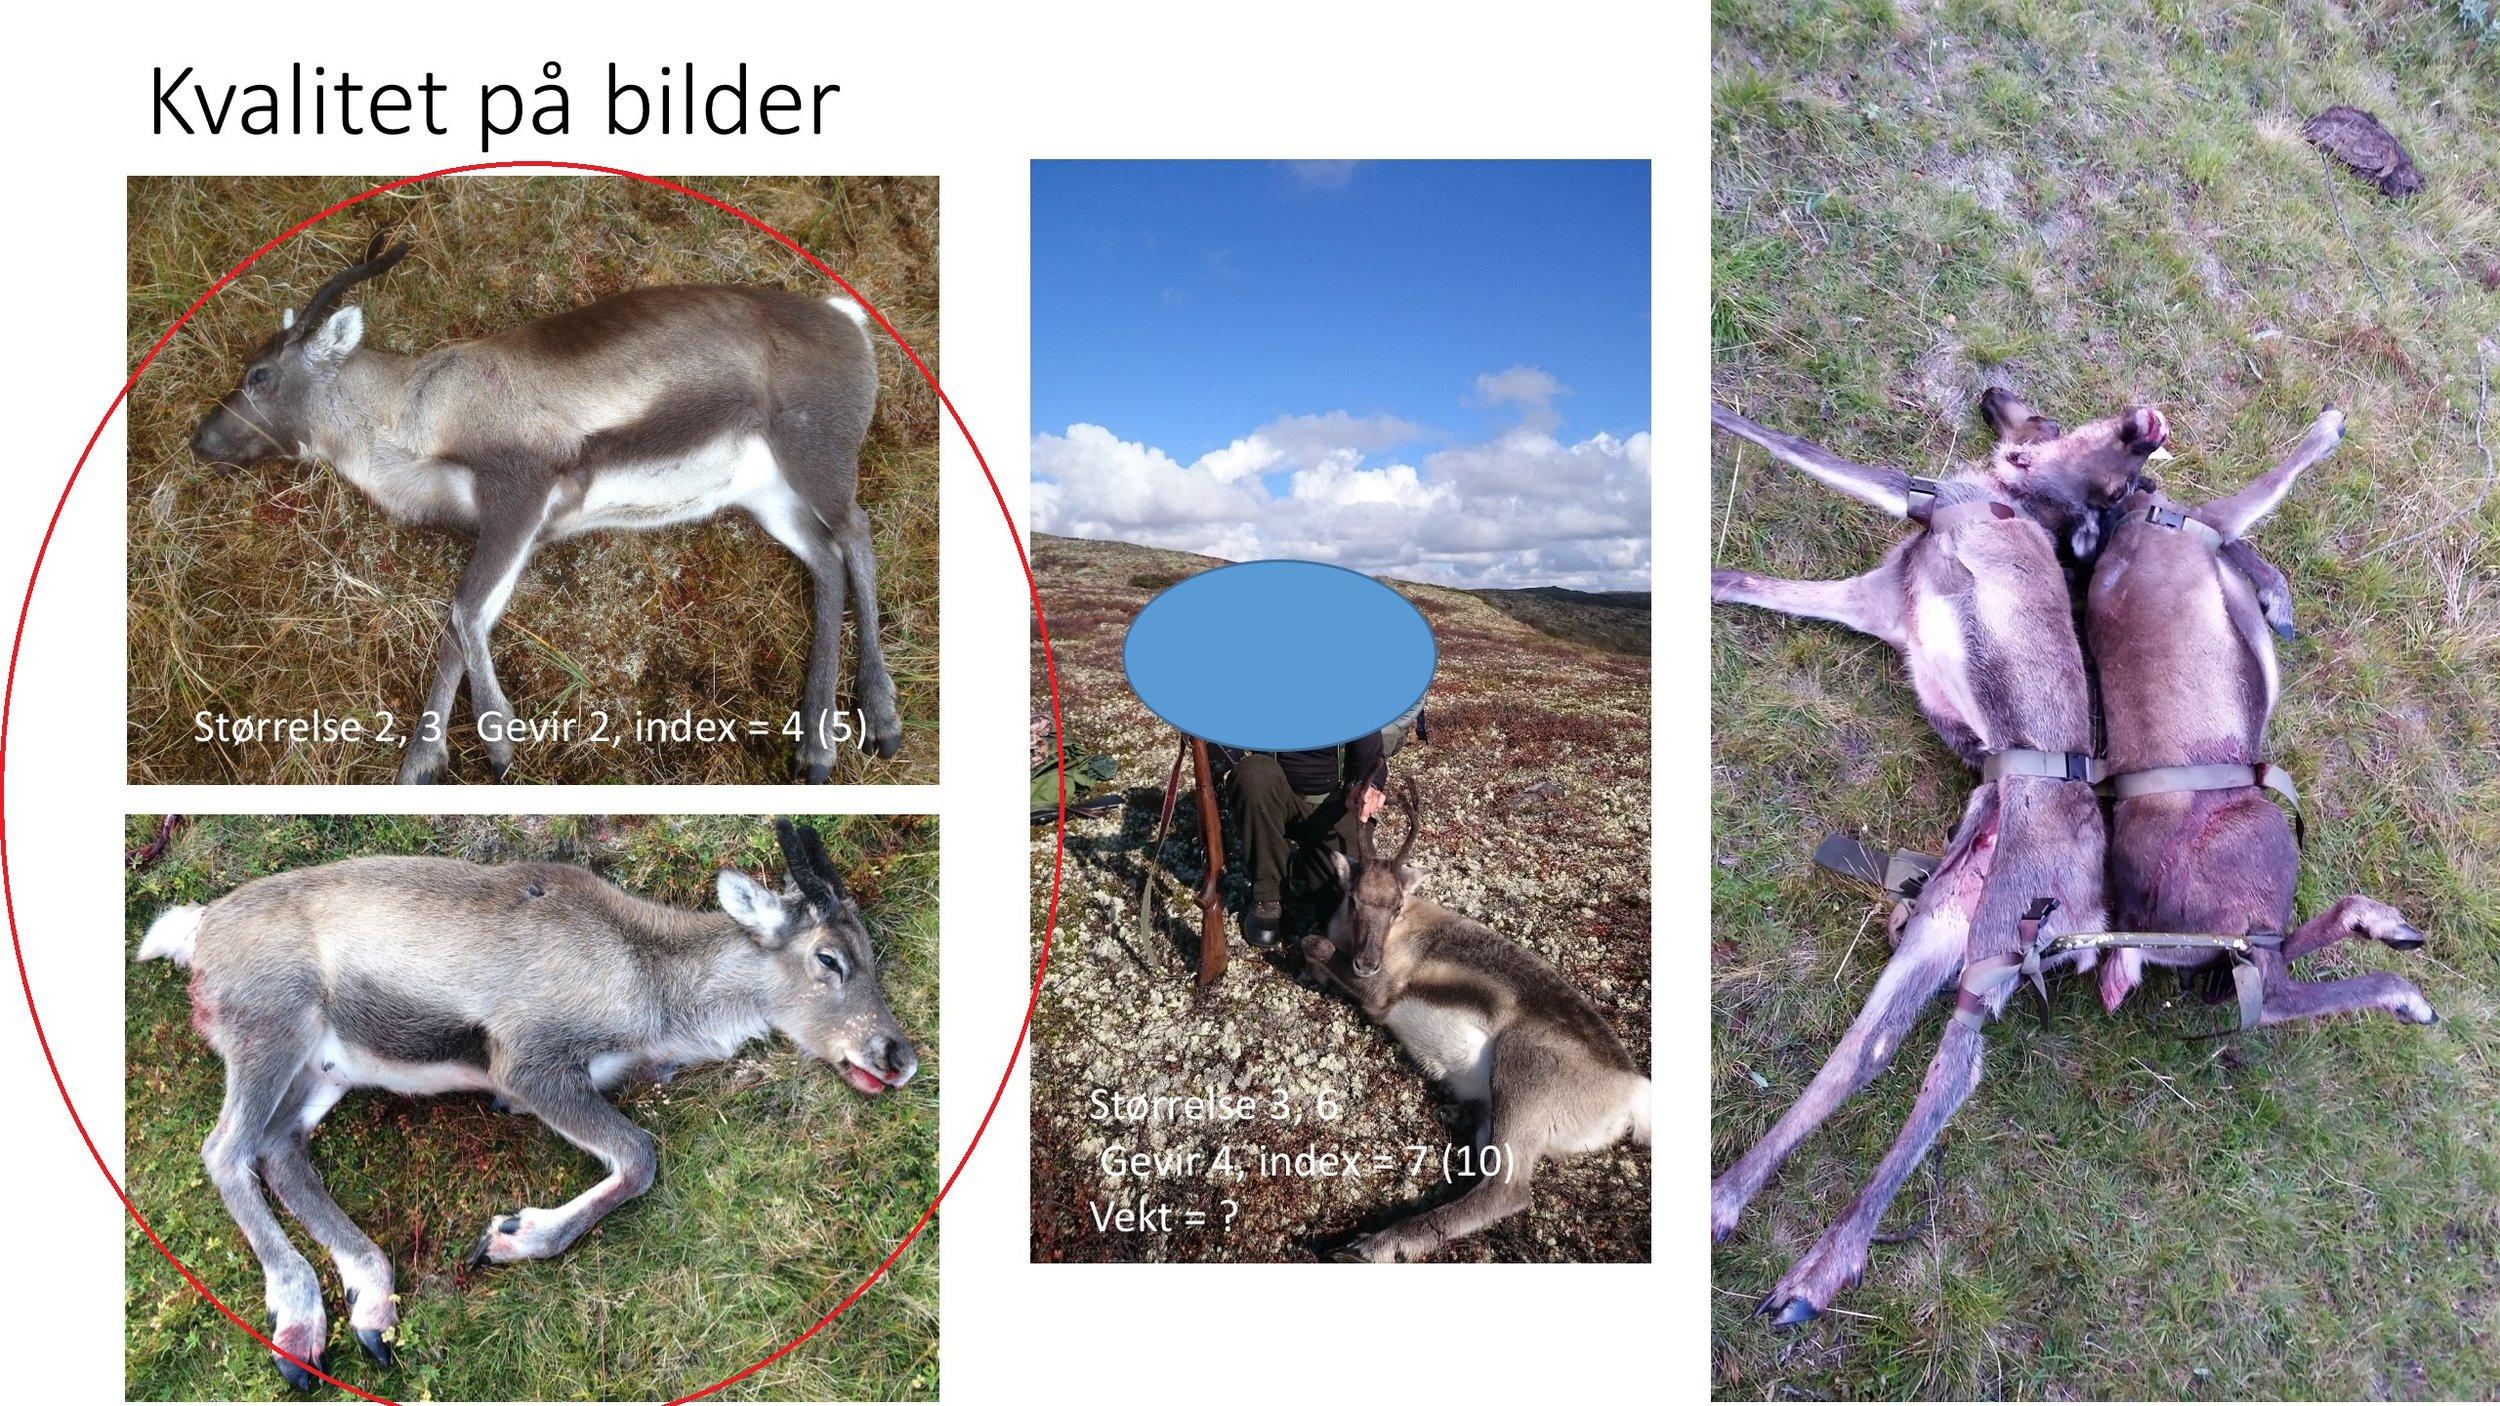 De to bildene til venstre er gode, men de hadde blitt enda bedre om jegerne hadde lagt børsa si på langs oppå dyret. Bildene i midten og til høyre er vanskelige å bruke fordi de ikke viser dyrene godt nok.